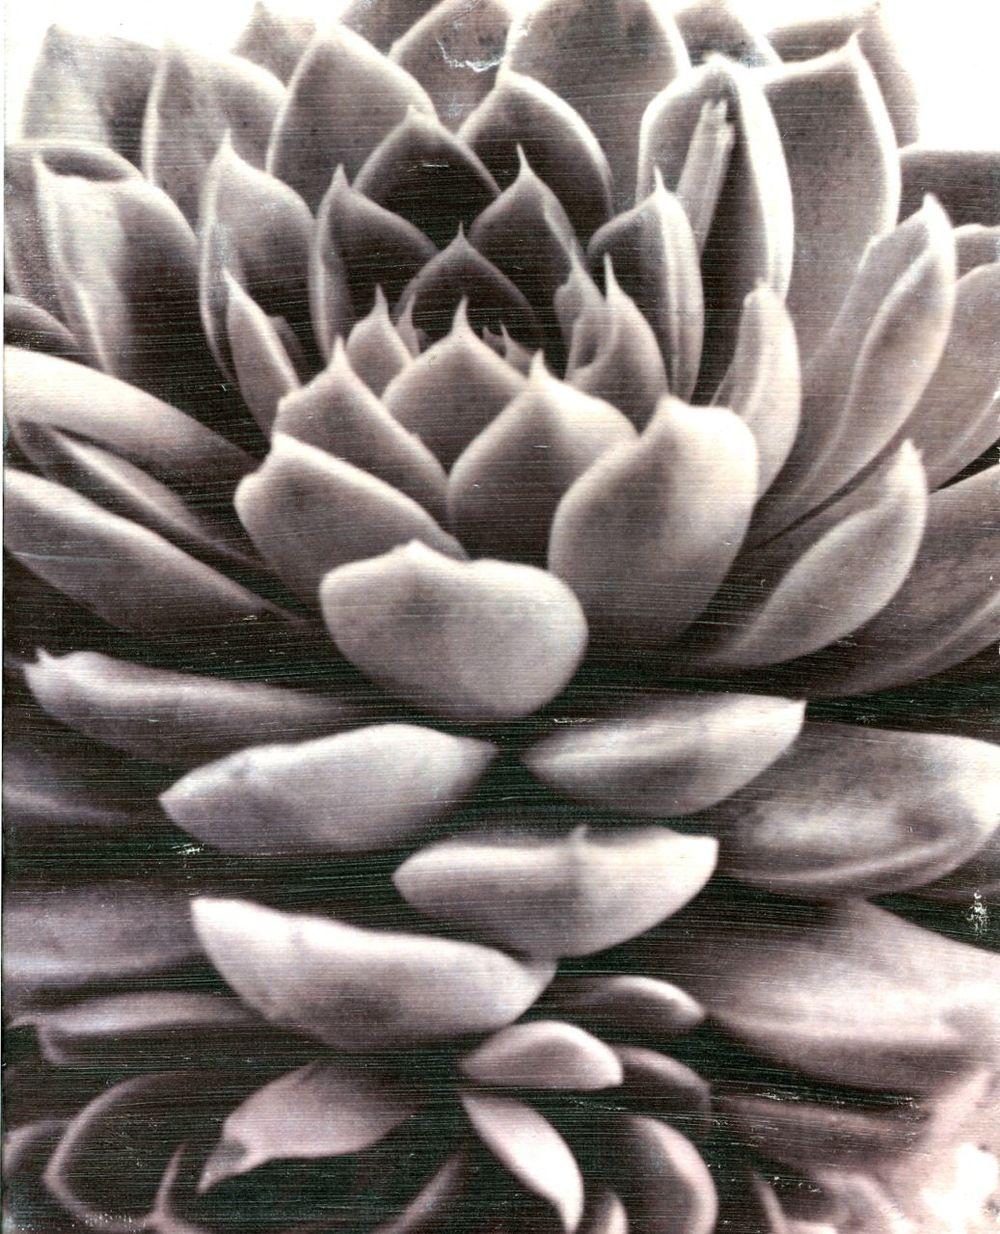 lotus echeveria succulent cactus zen yoga studio image